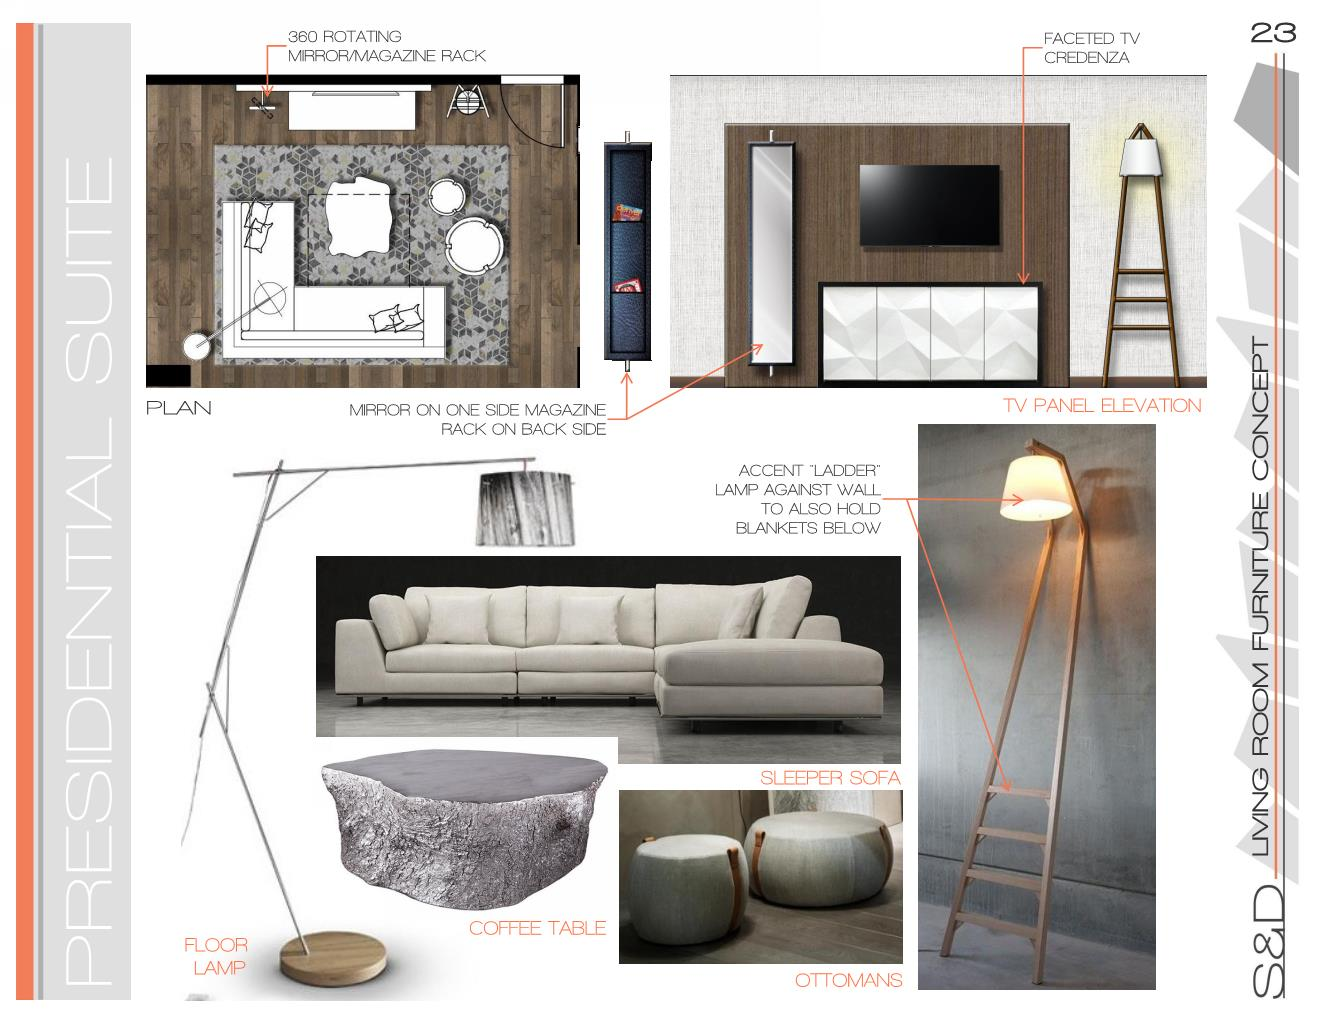 12-02-16 Ren Stapleton_SUITES Concepts Page 023.jpg